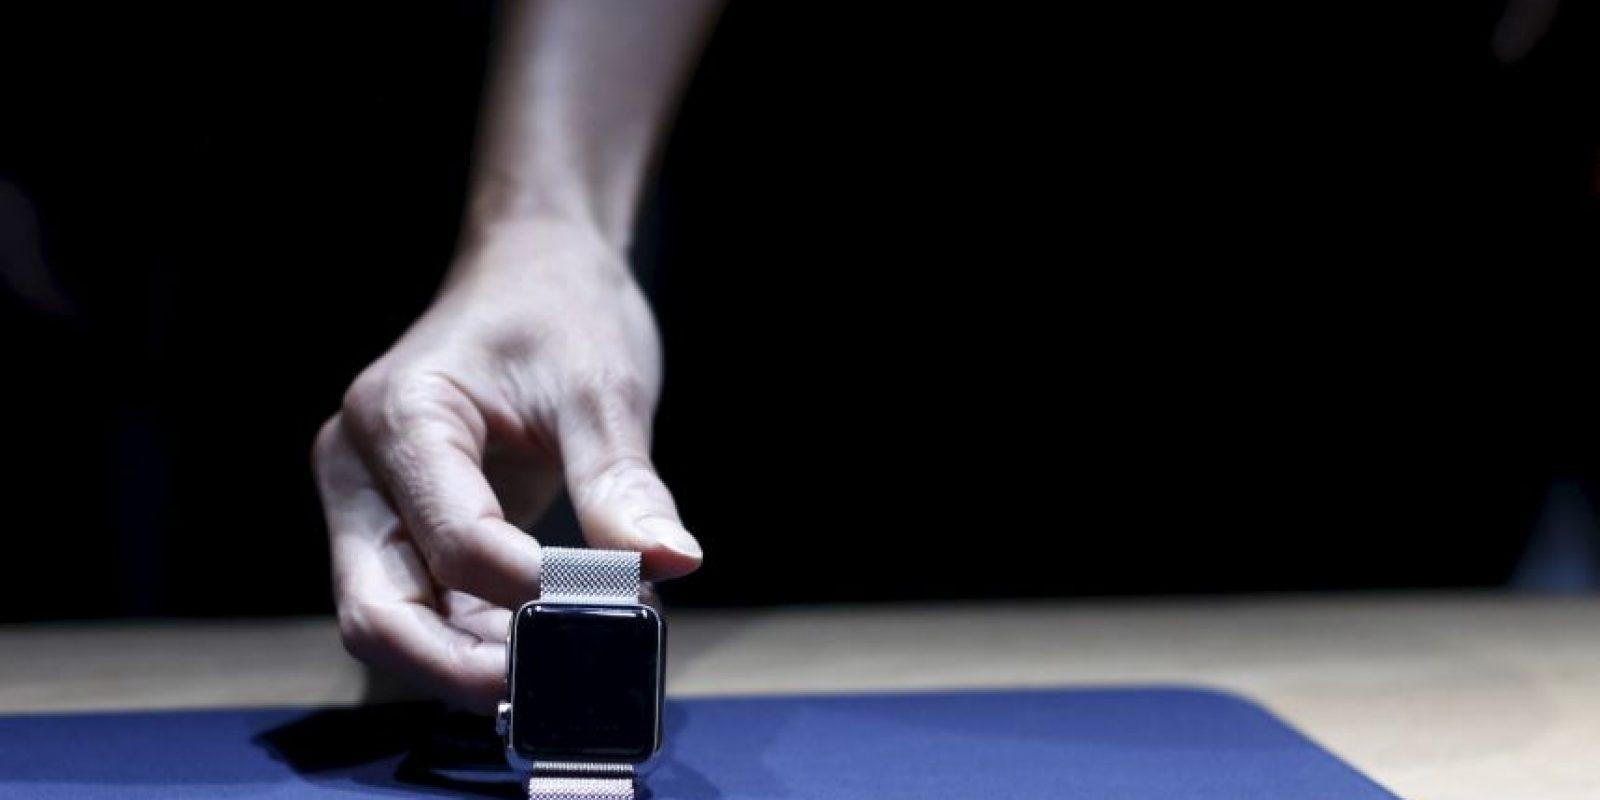 Citas privadas y más largas: podrán tener hasta una hora para decidirse si compran o no el reloj, mientras lo prueban en un espacio especial para este diseño. Foto:Getty